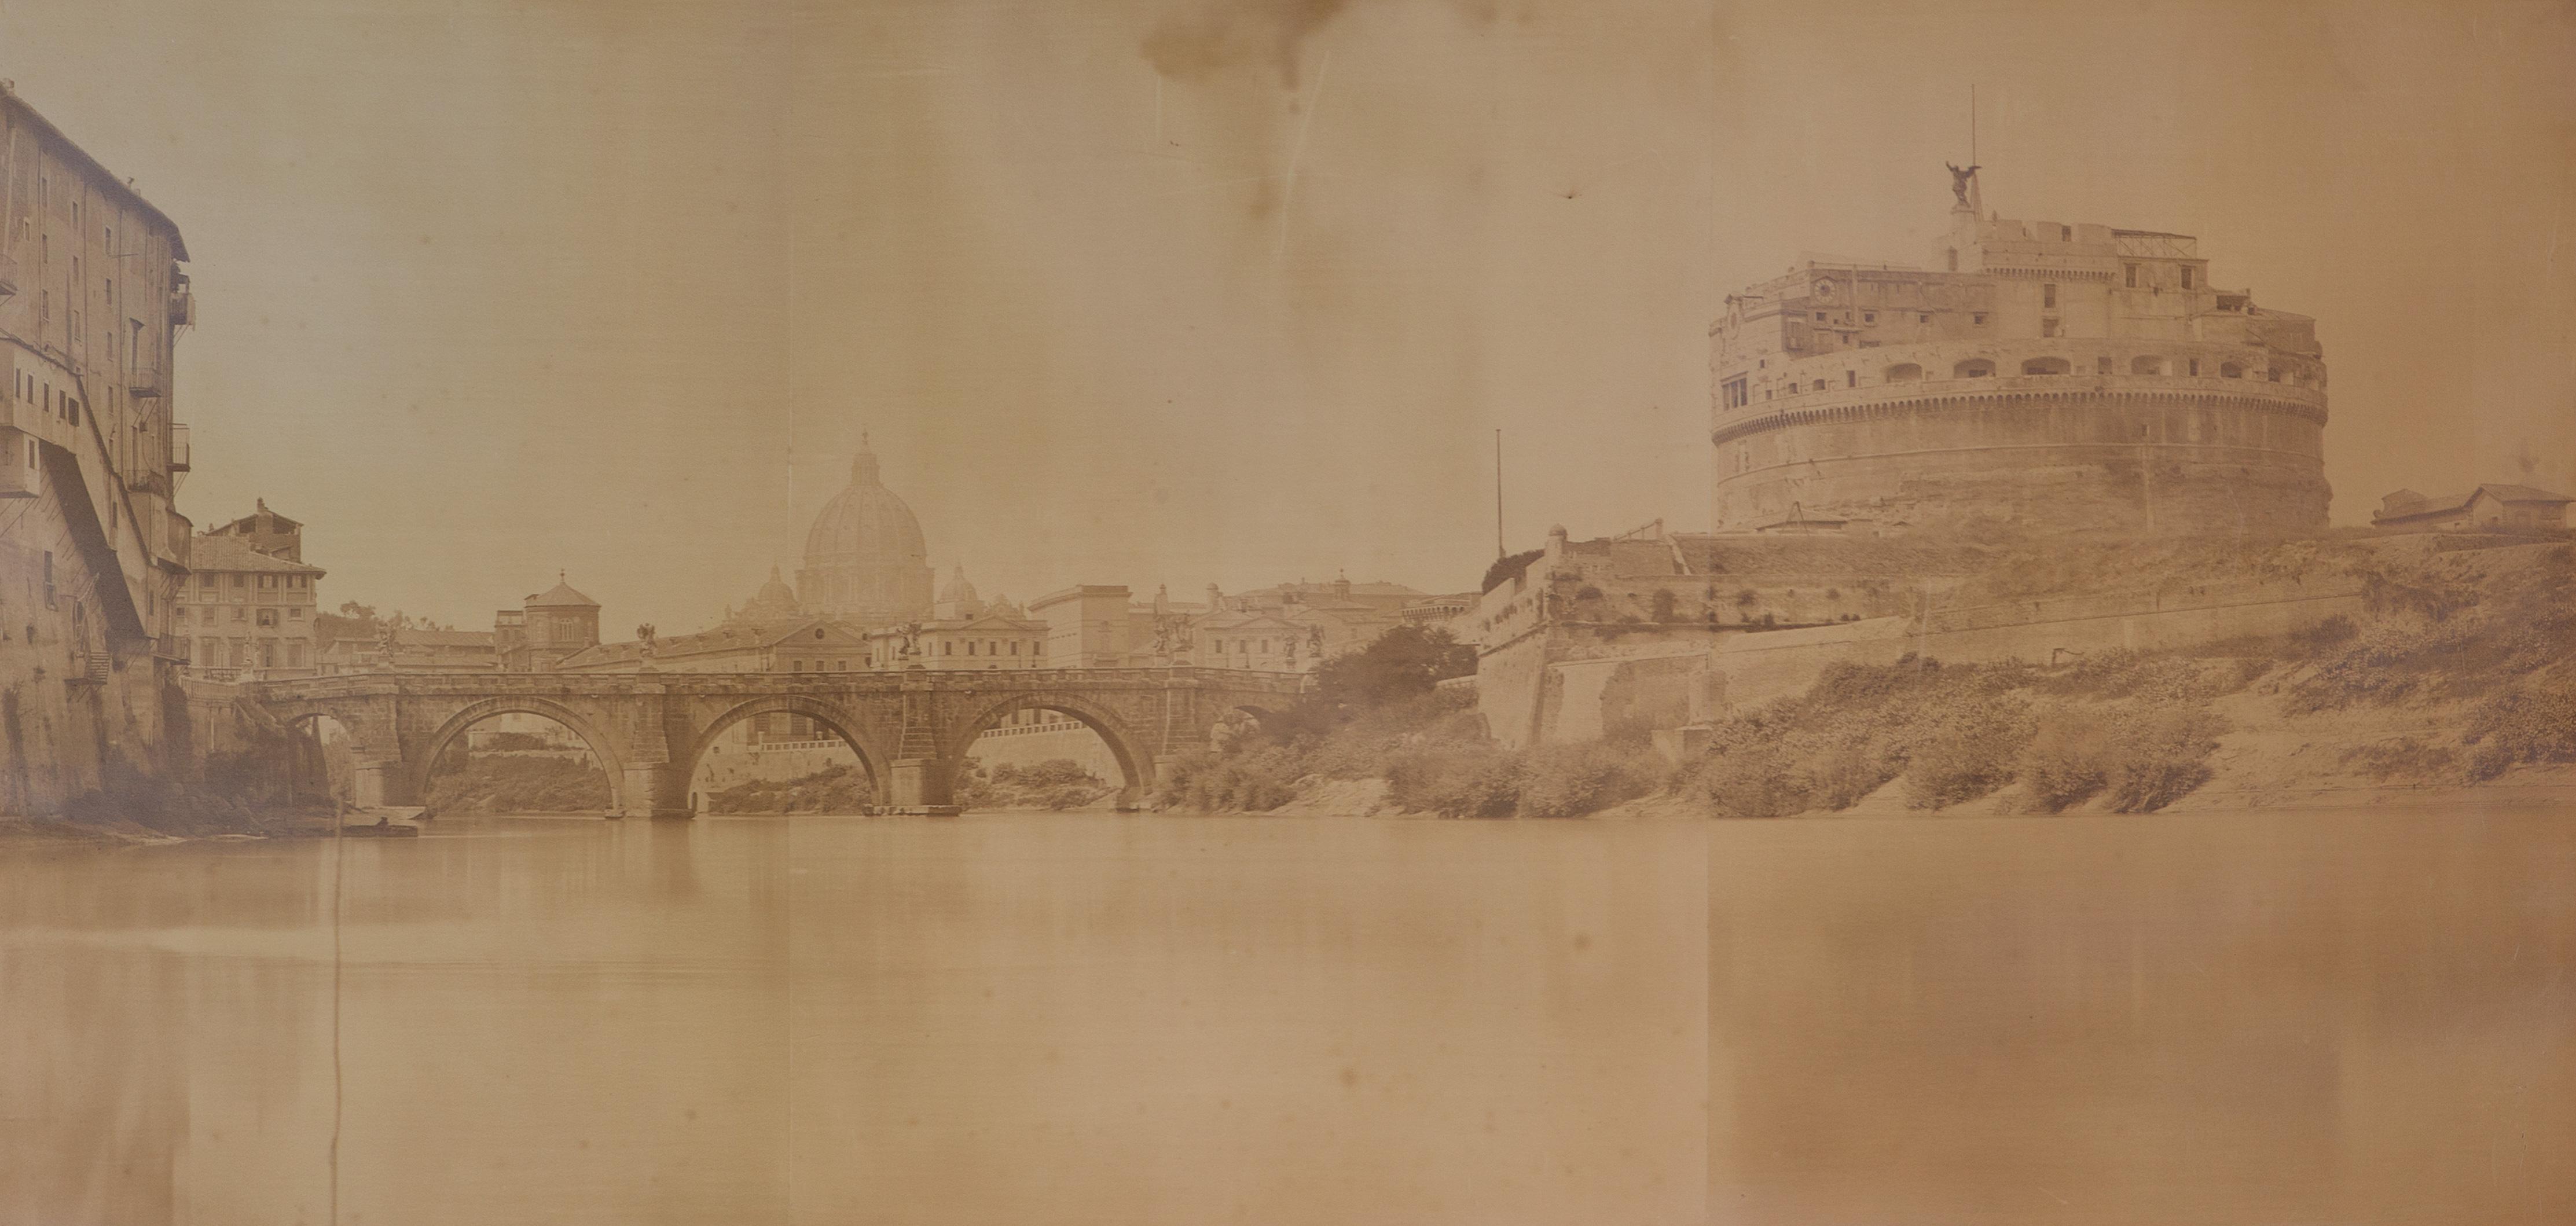 Roma, Panoramica, Il Tevere con Castel Sant'Angelo, ca. 1870